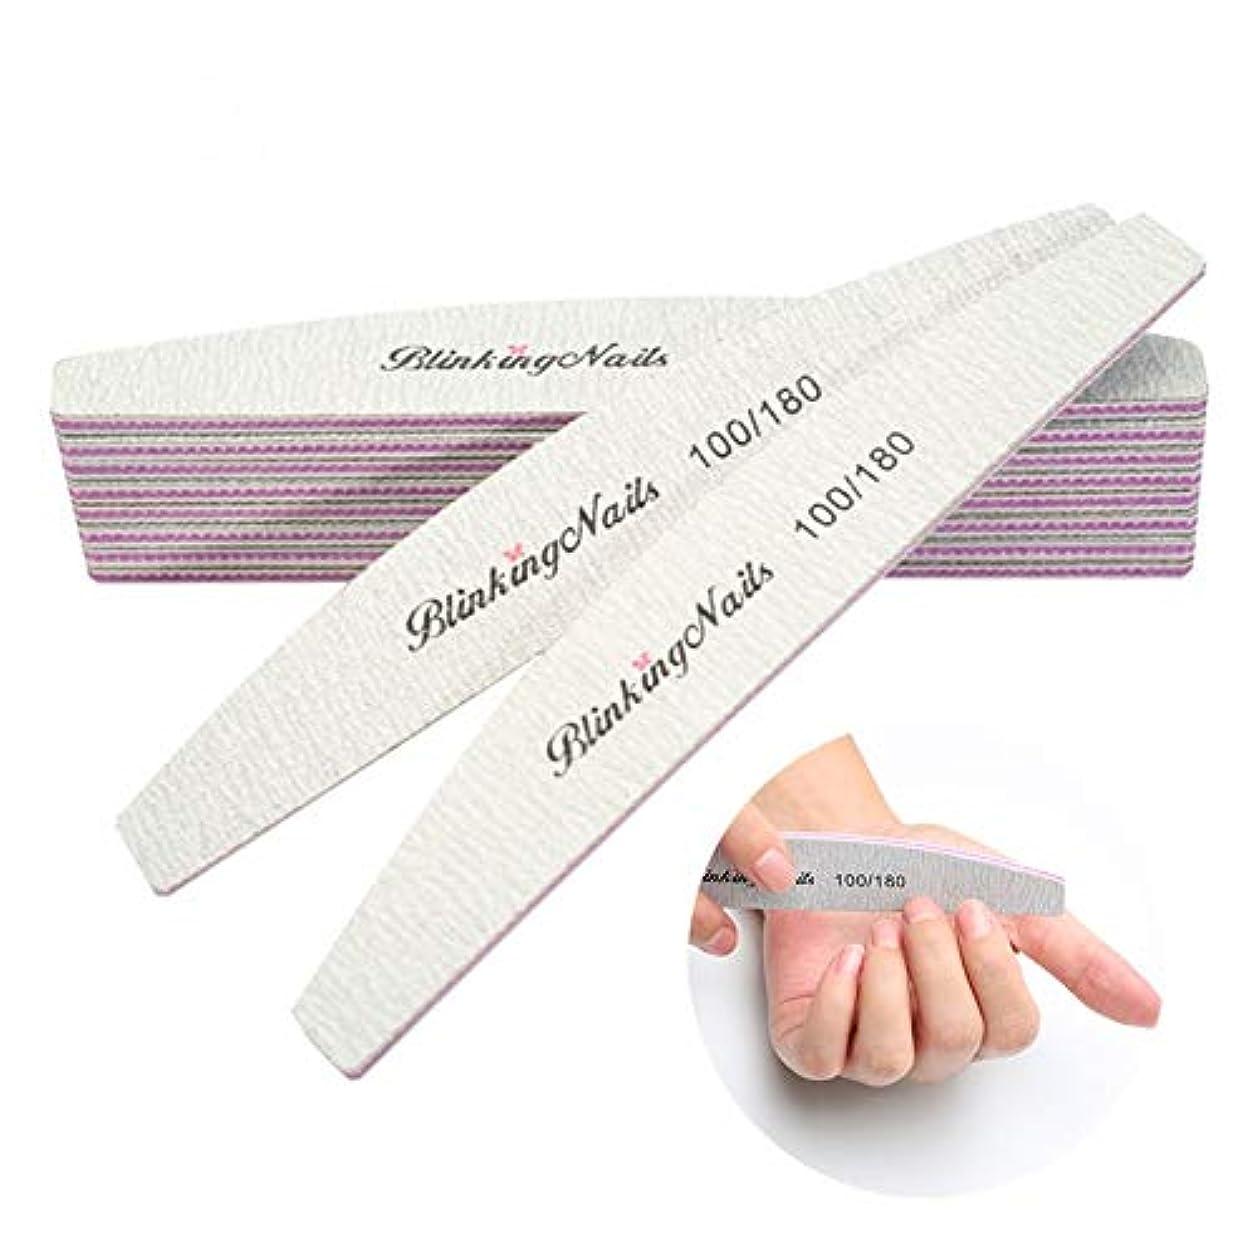 脅威根絶する正直研磨ツール100/180砂 爪やすり ネイルシャイナー ネイルケア 携帯に便利です 水洗いできます 洗濯可プロネイルやすり 10本入